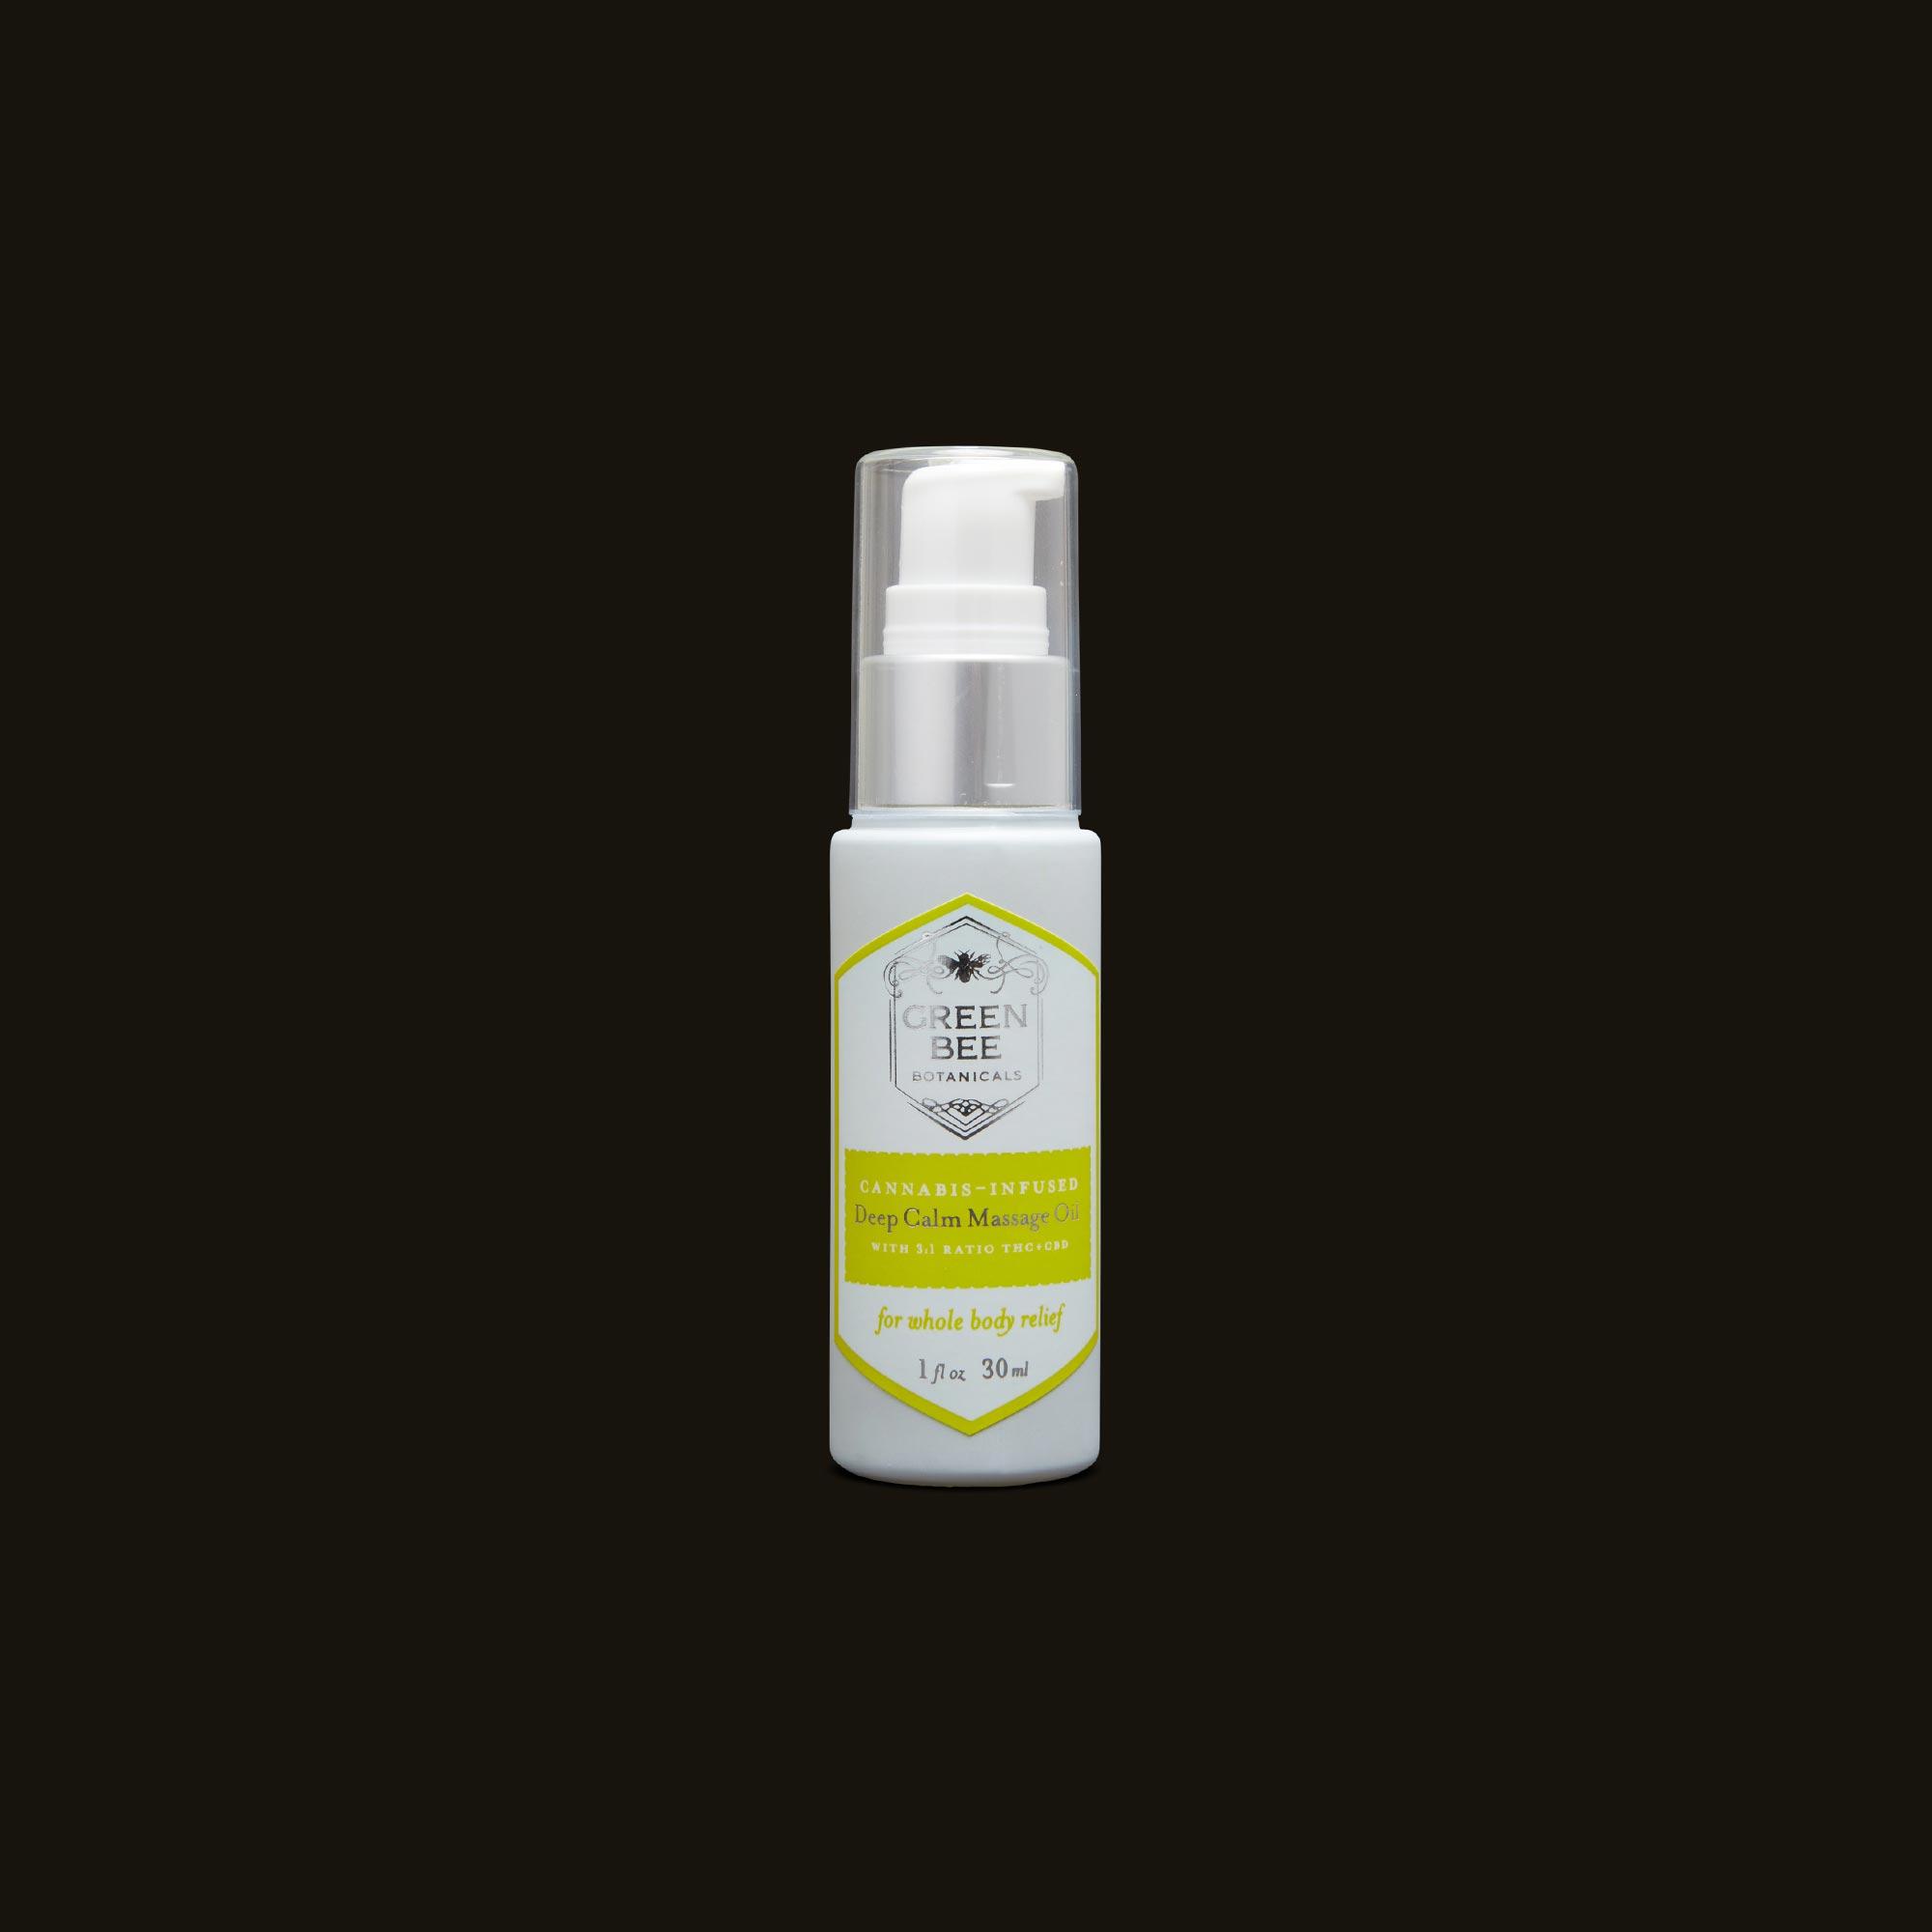 Green Bee Botanicals Deep Calm Massage and Body Oil Pump